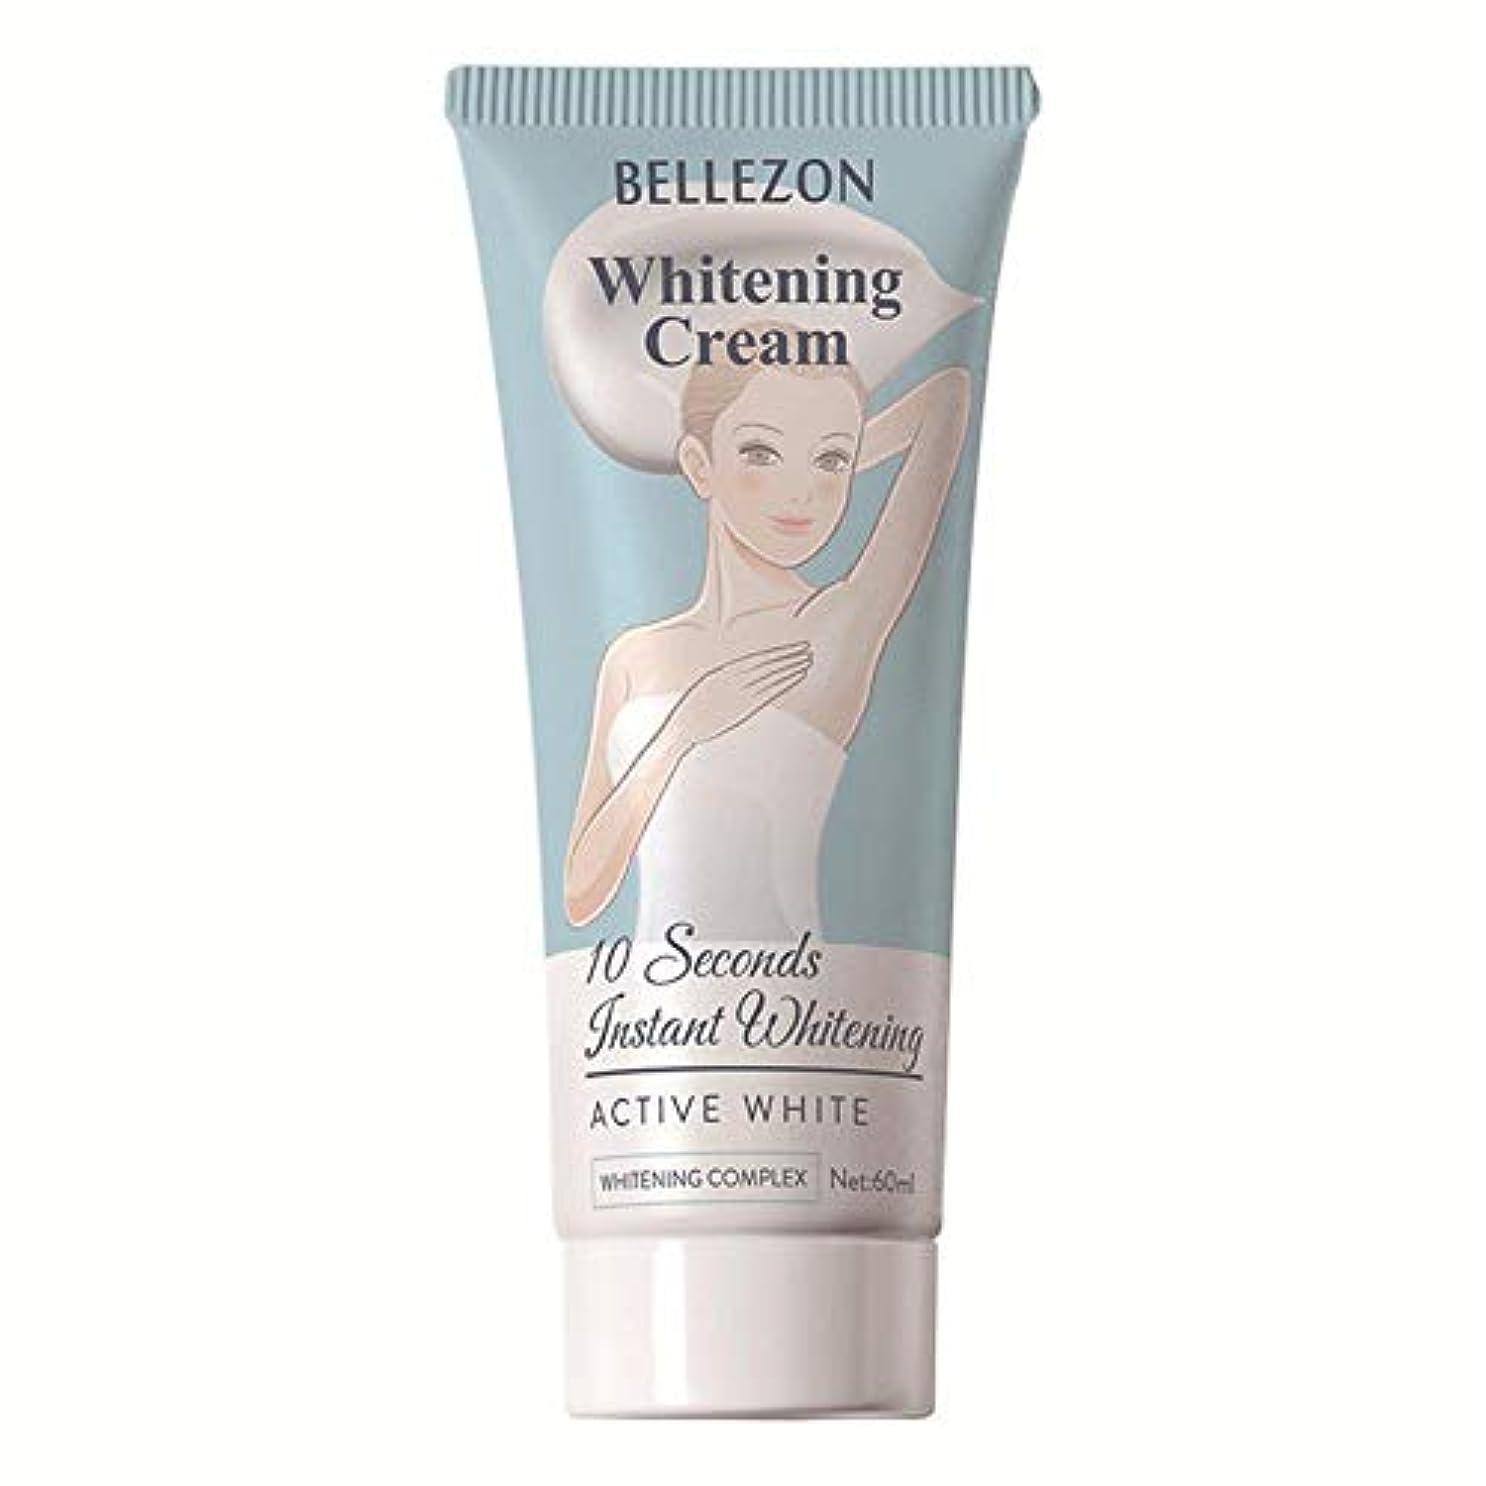 美容師万歳放射するBETTER YOU (ベター ュー) 脇の下の美容クリーム、消臭剤、ボディ、プライベートパーツ、美容クリーム、美白、保湿